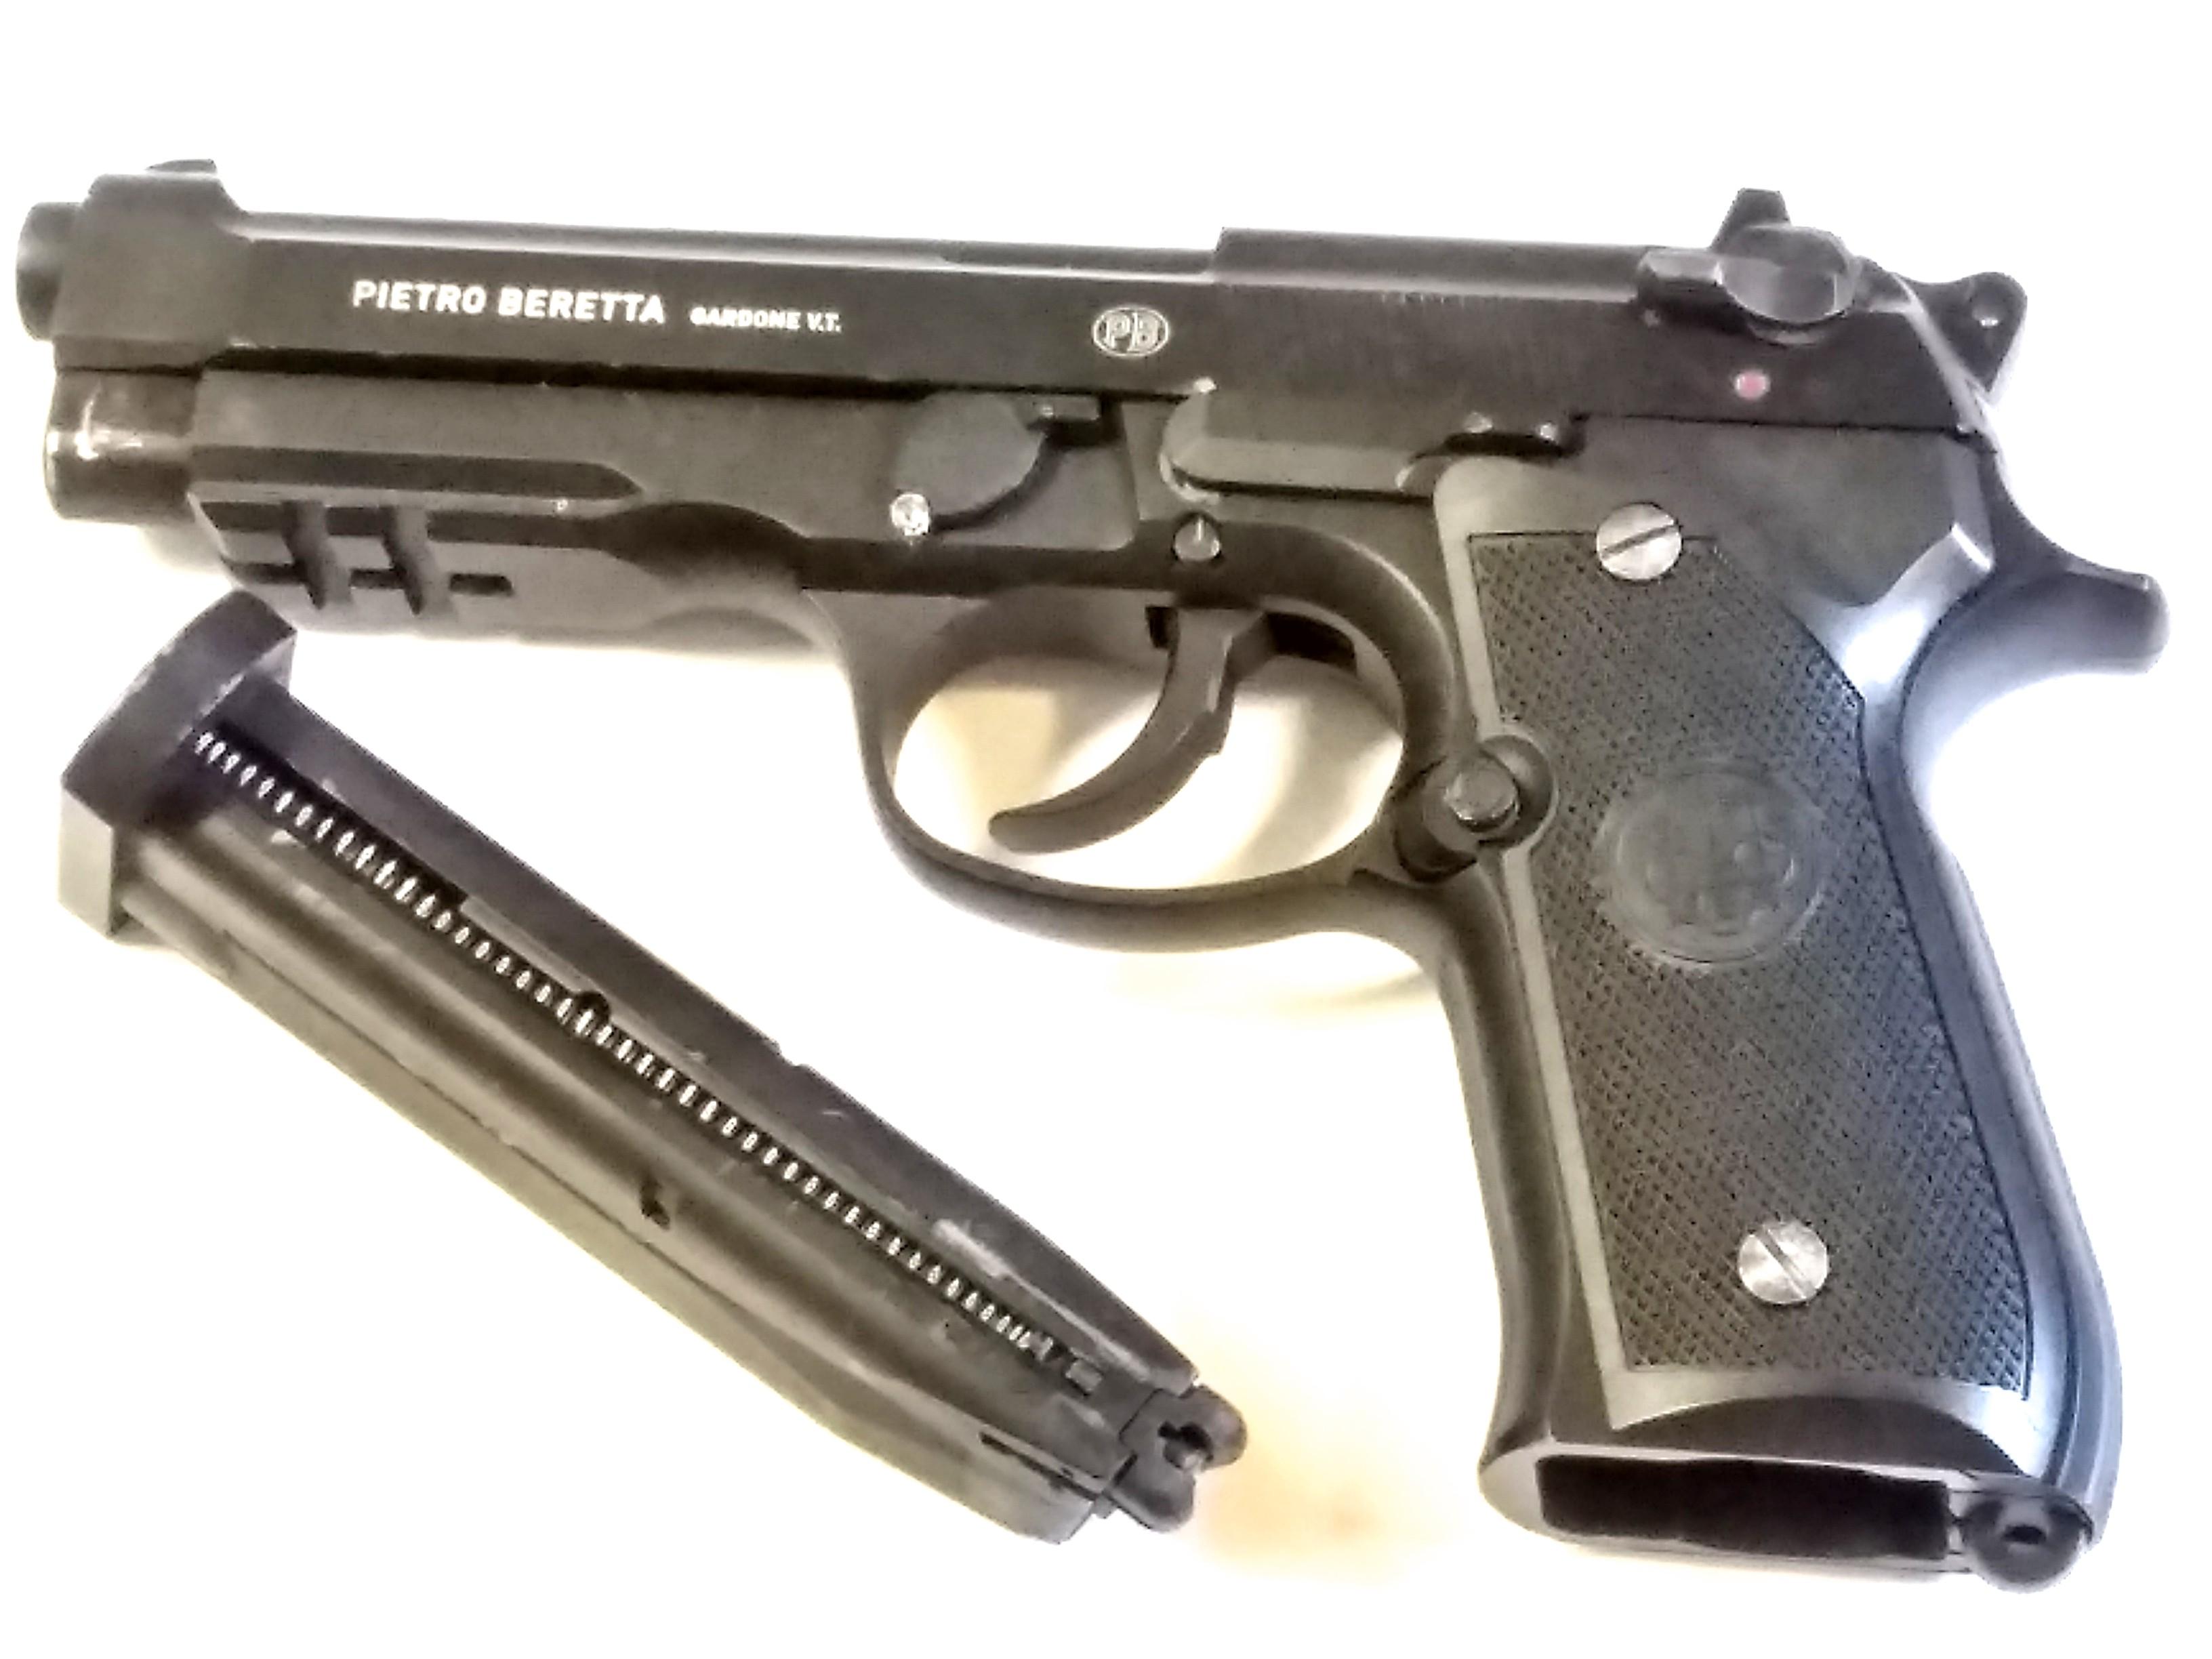 PIETRO BERETTA 92A1 4.5mm BB PISTOL